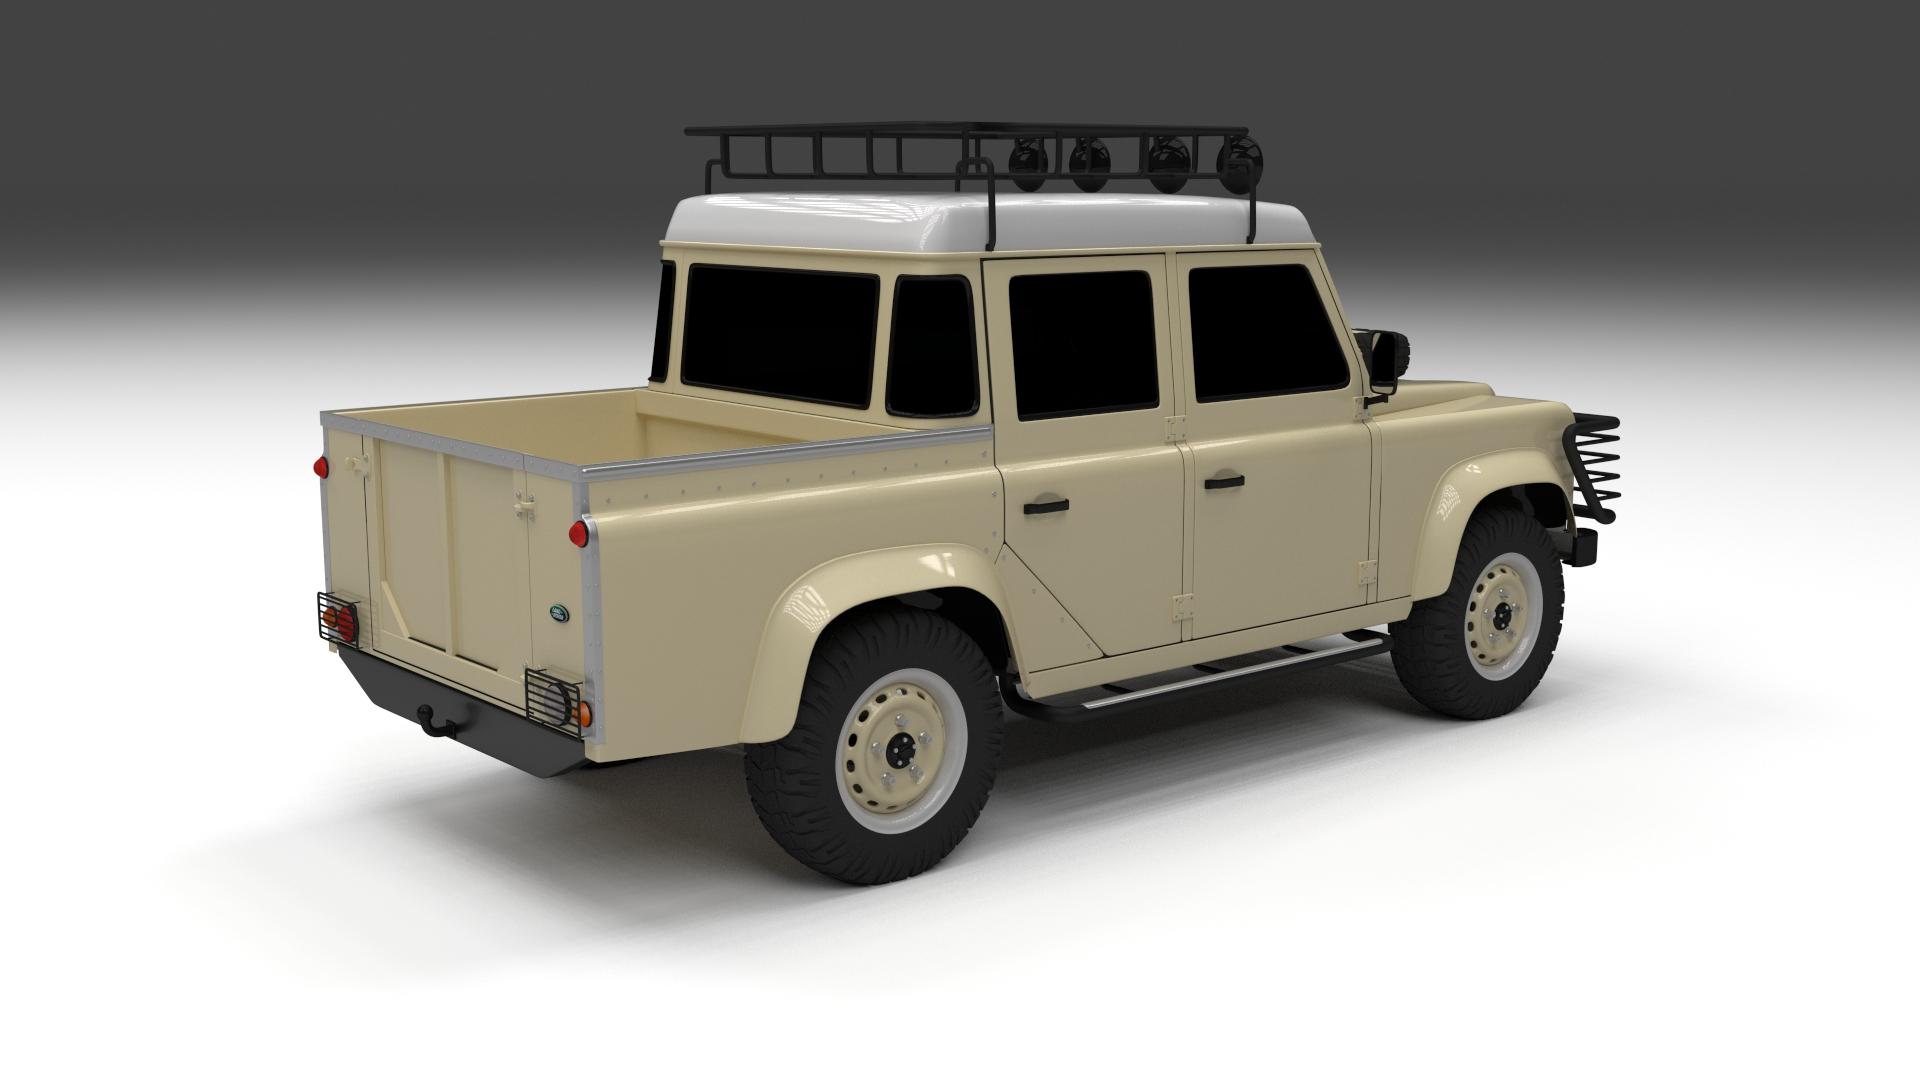 land rover defender 110 double cab pick up 3d model. Black Bedroom Furniture Sets. Home Design Ideas